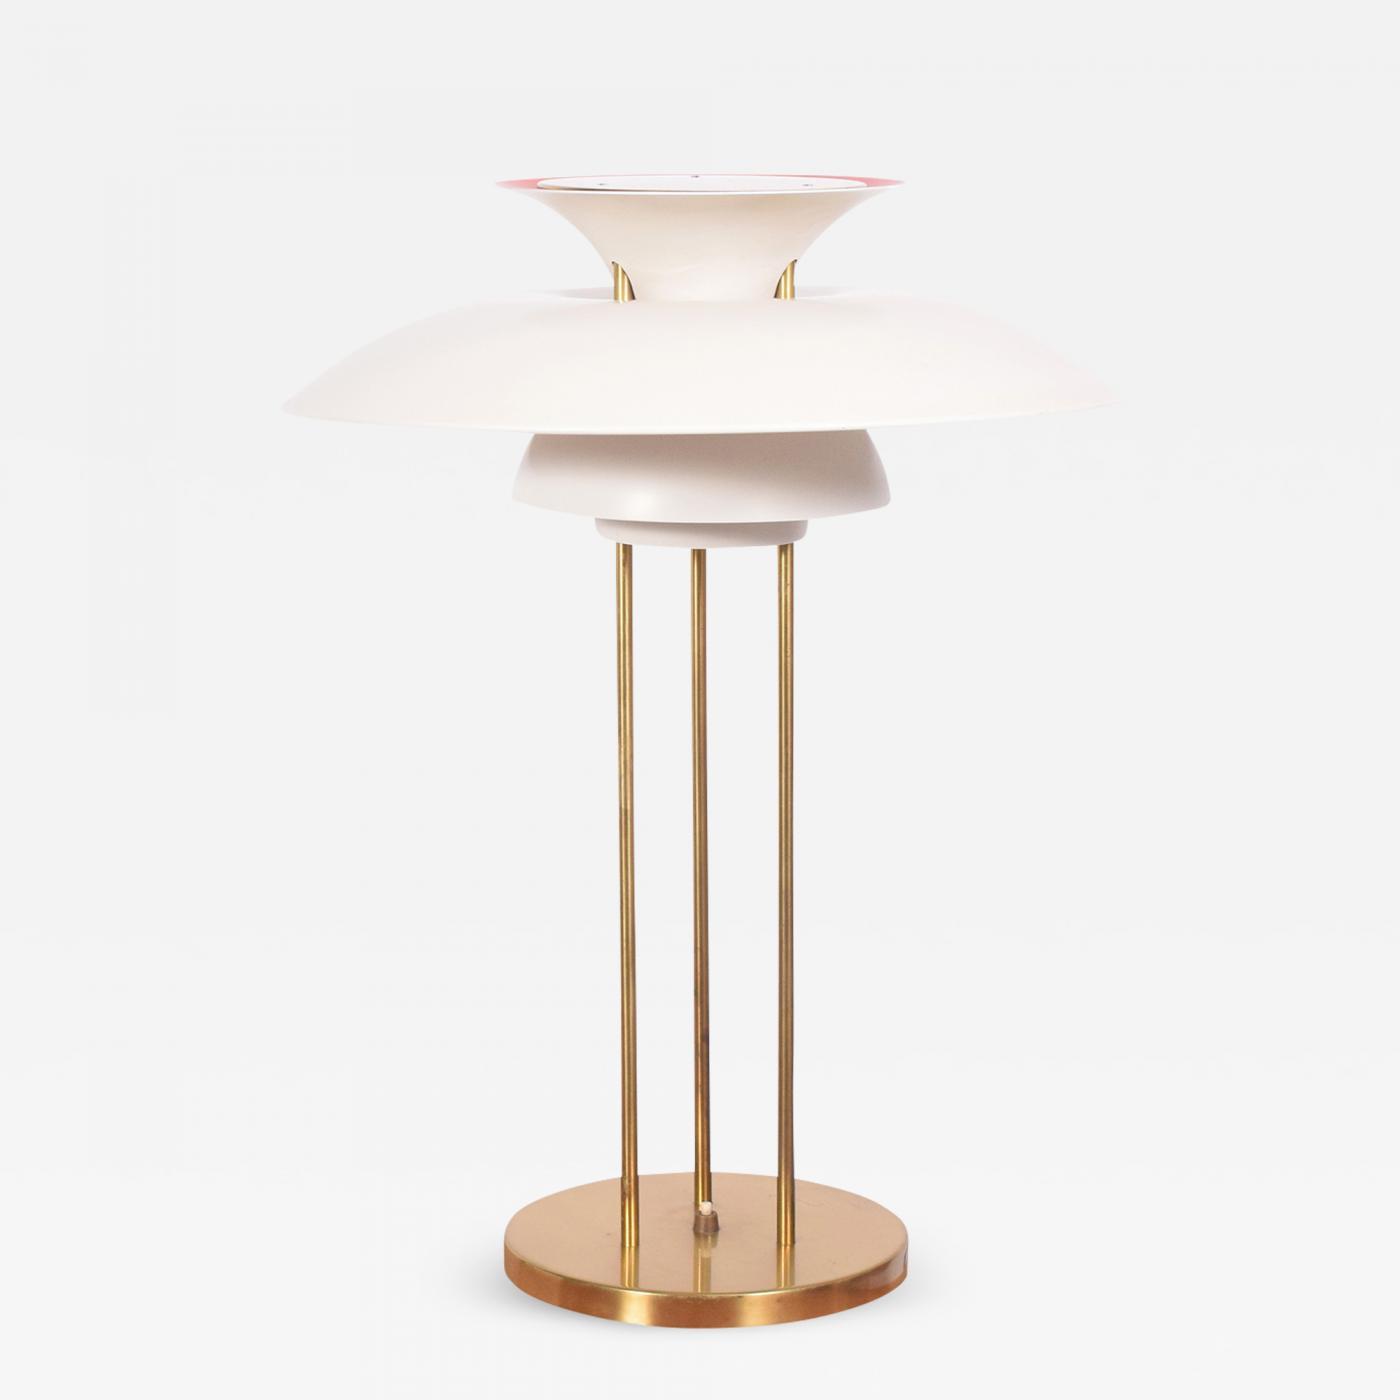 Poul Henningsen Ph 5 Table Lamp By Poul Henningsen